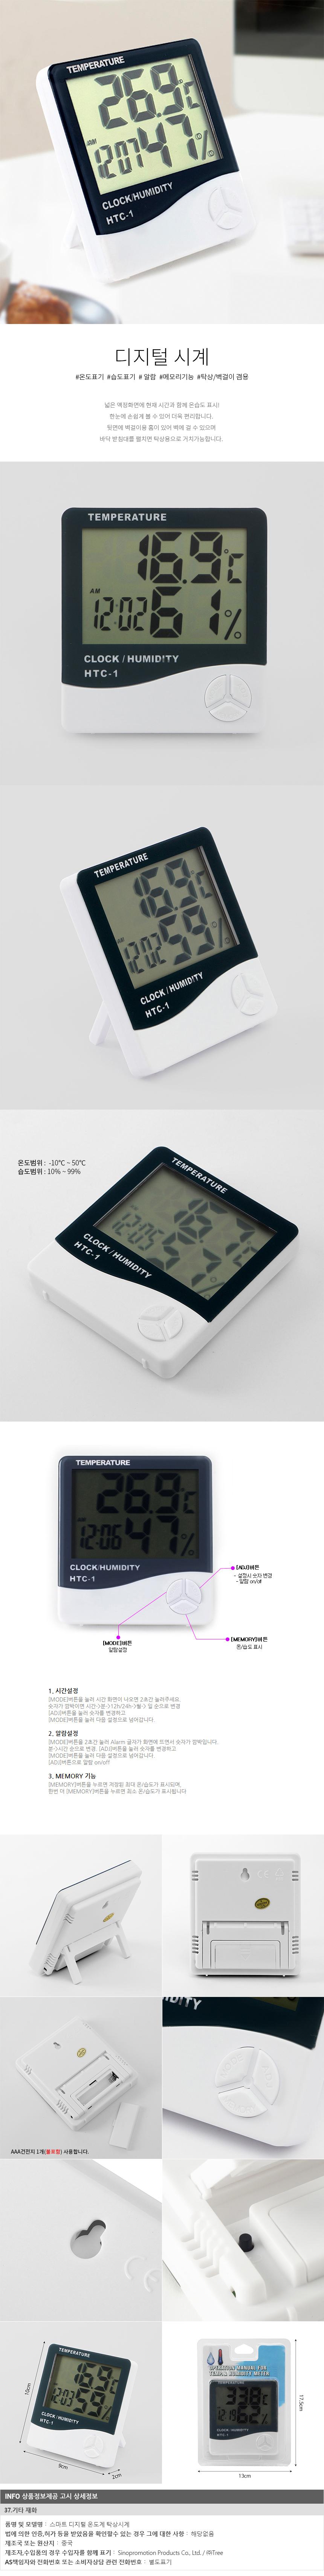 디지털 탁상시계/온도계 습도계 알람시계 무소음시계 - 기프트갓, 7,780원, 알람/탁상시계, 알람시계